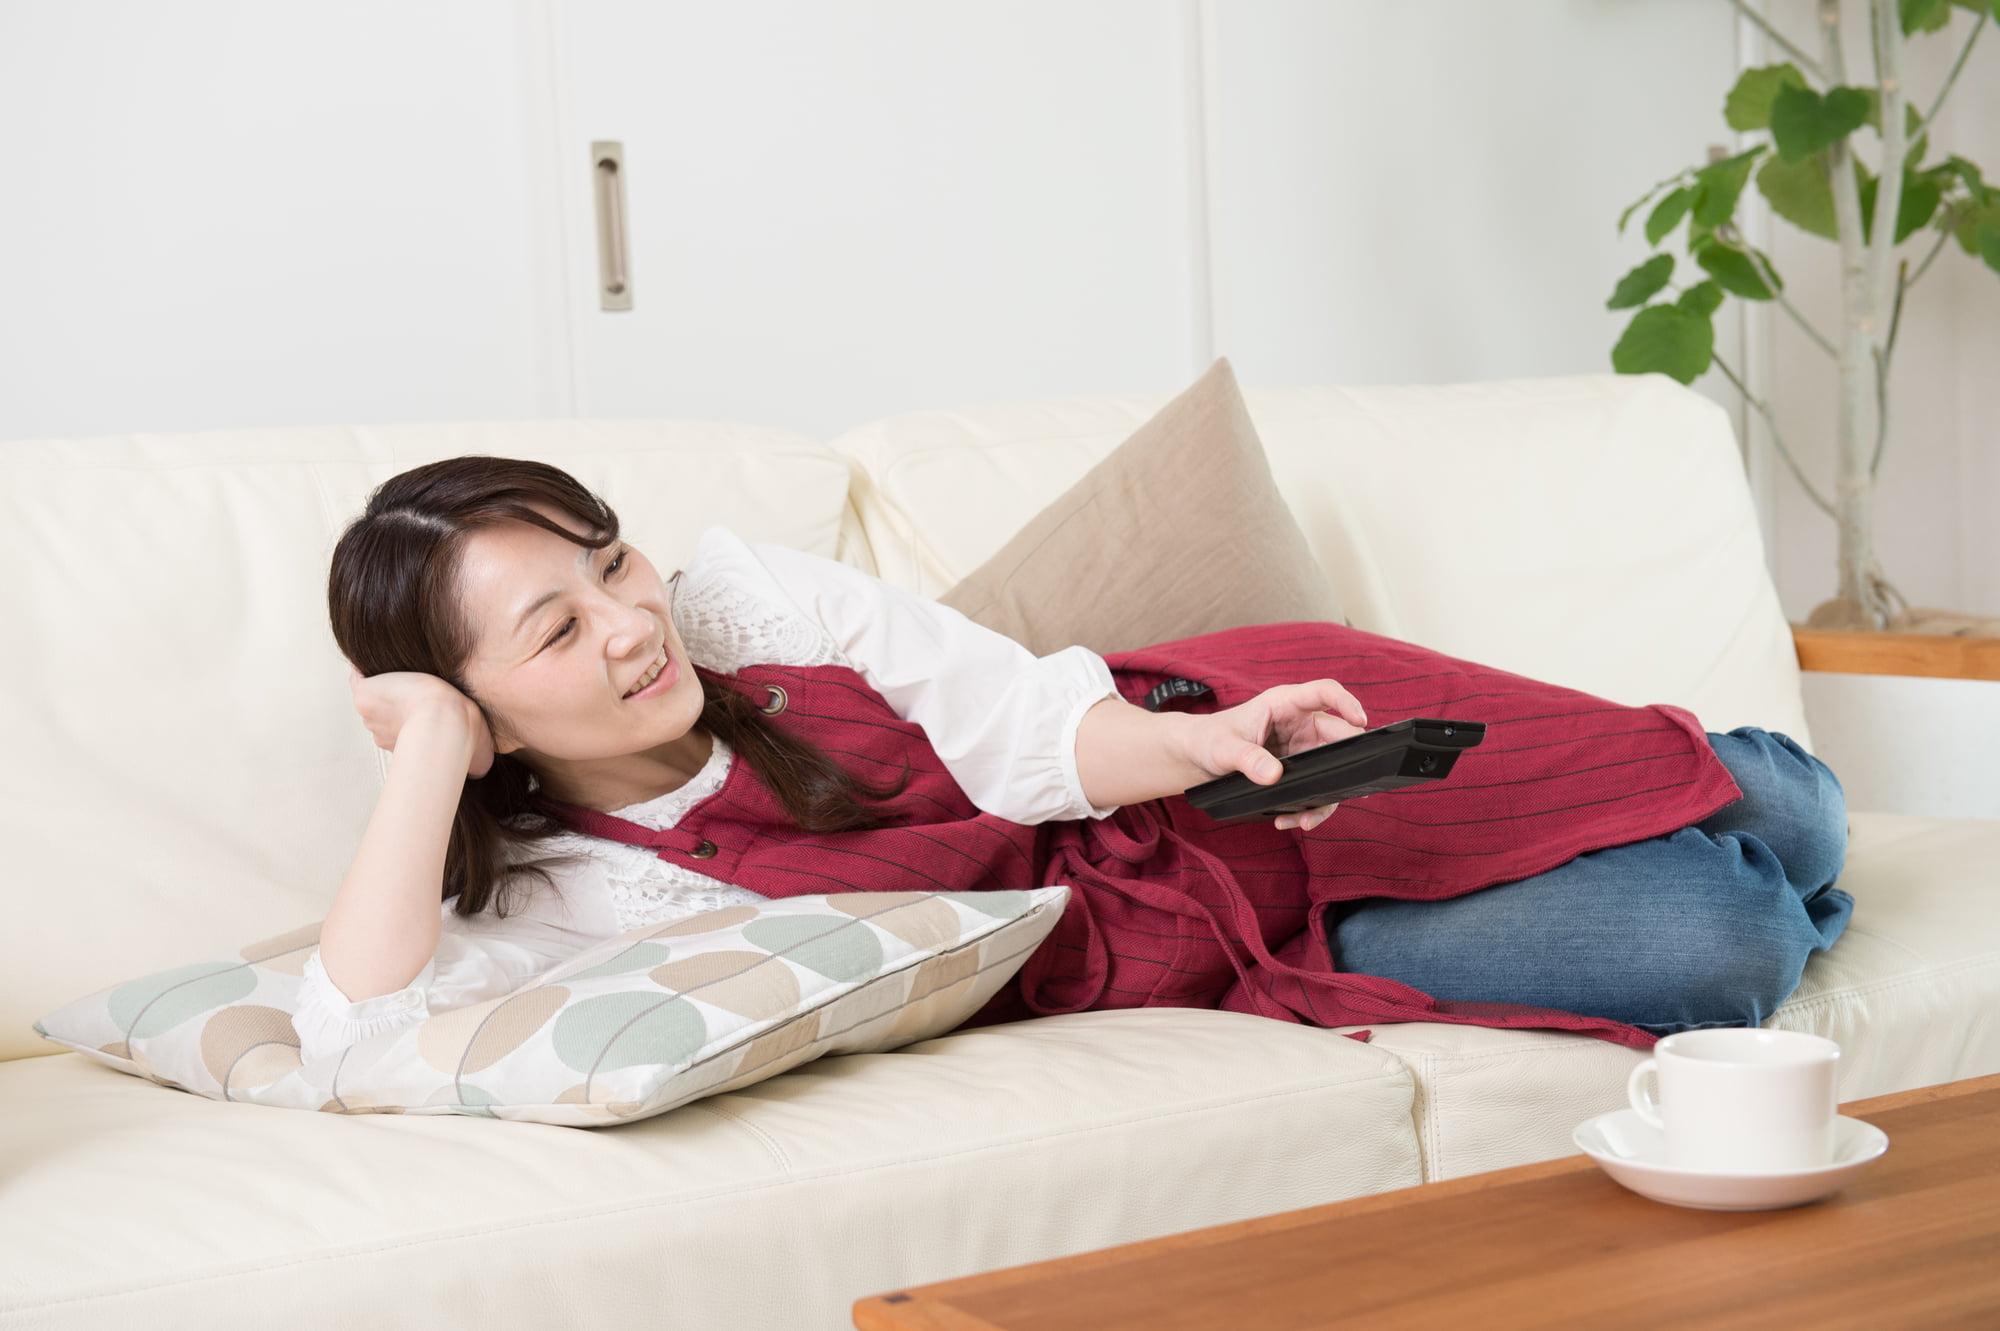 派遣-仕事をバックレてソファに横たわる専業主婦